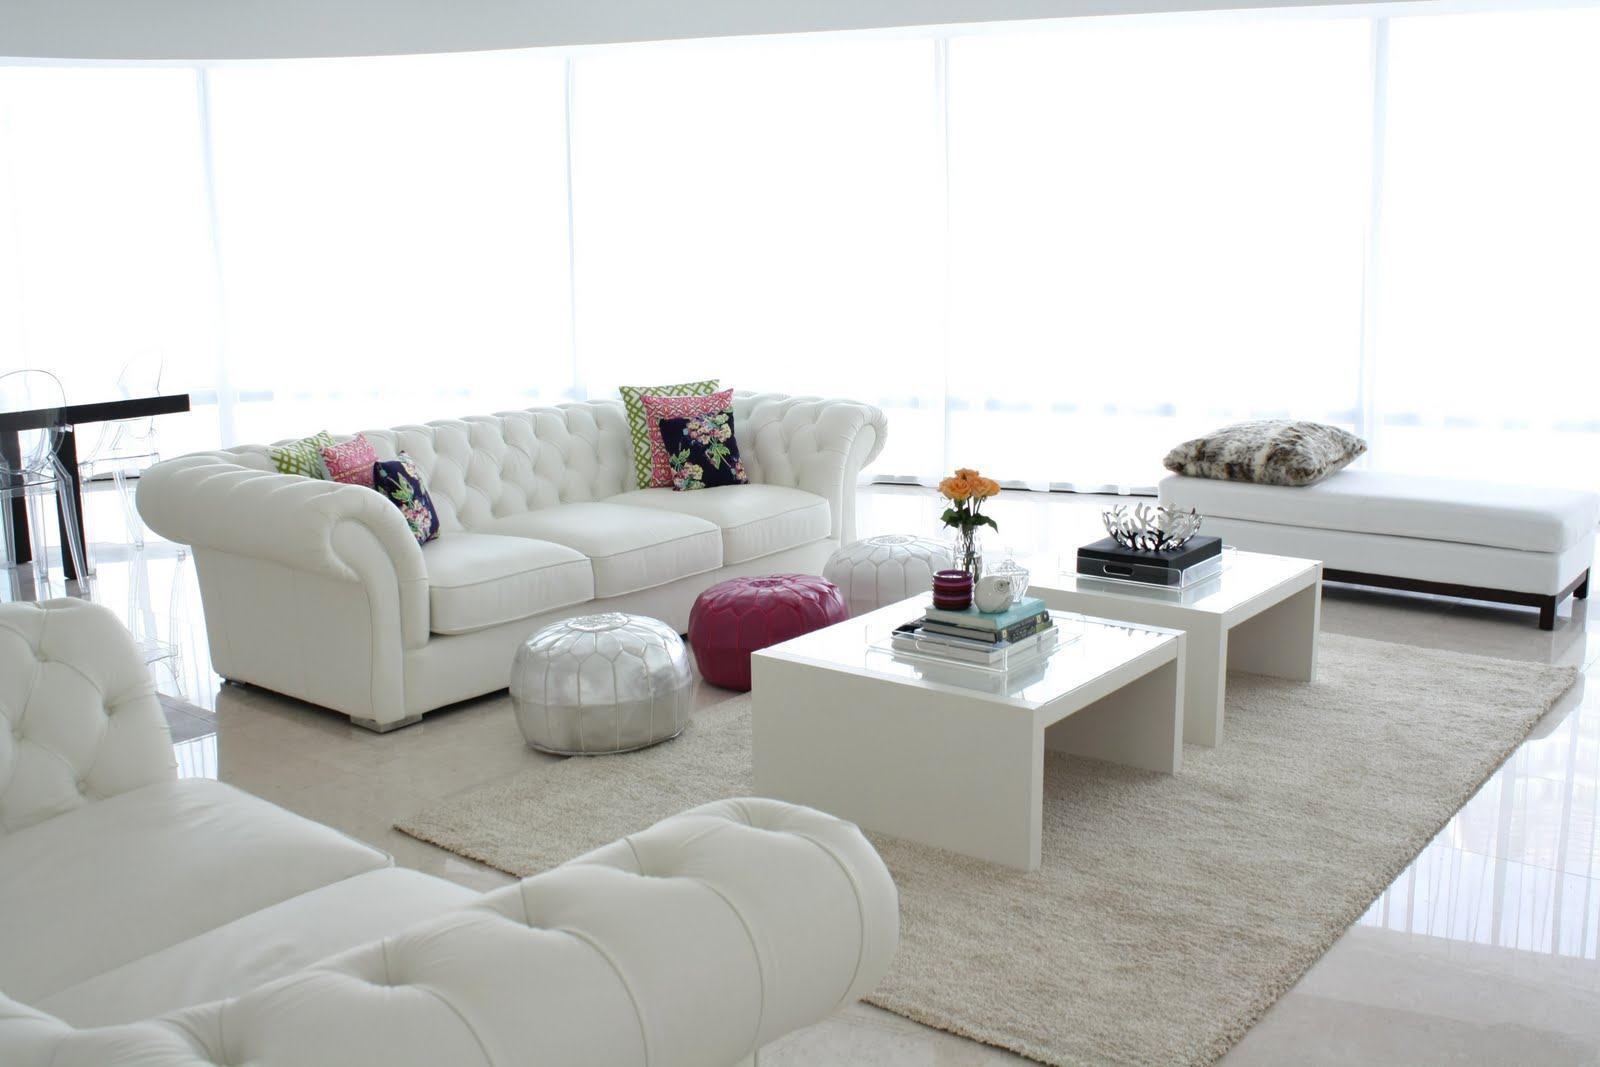 Sala Decorada Com Sofa De Canto Sala Pequena Com Decorao  -> Estofados De Canto Confortavel Para Sala Pequena